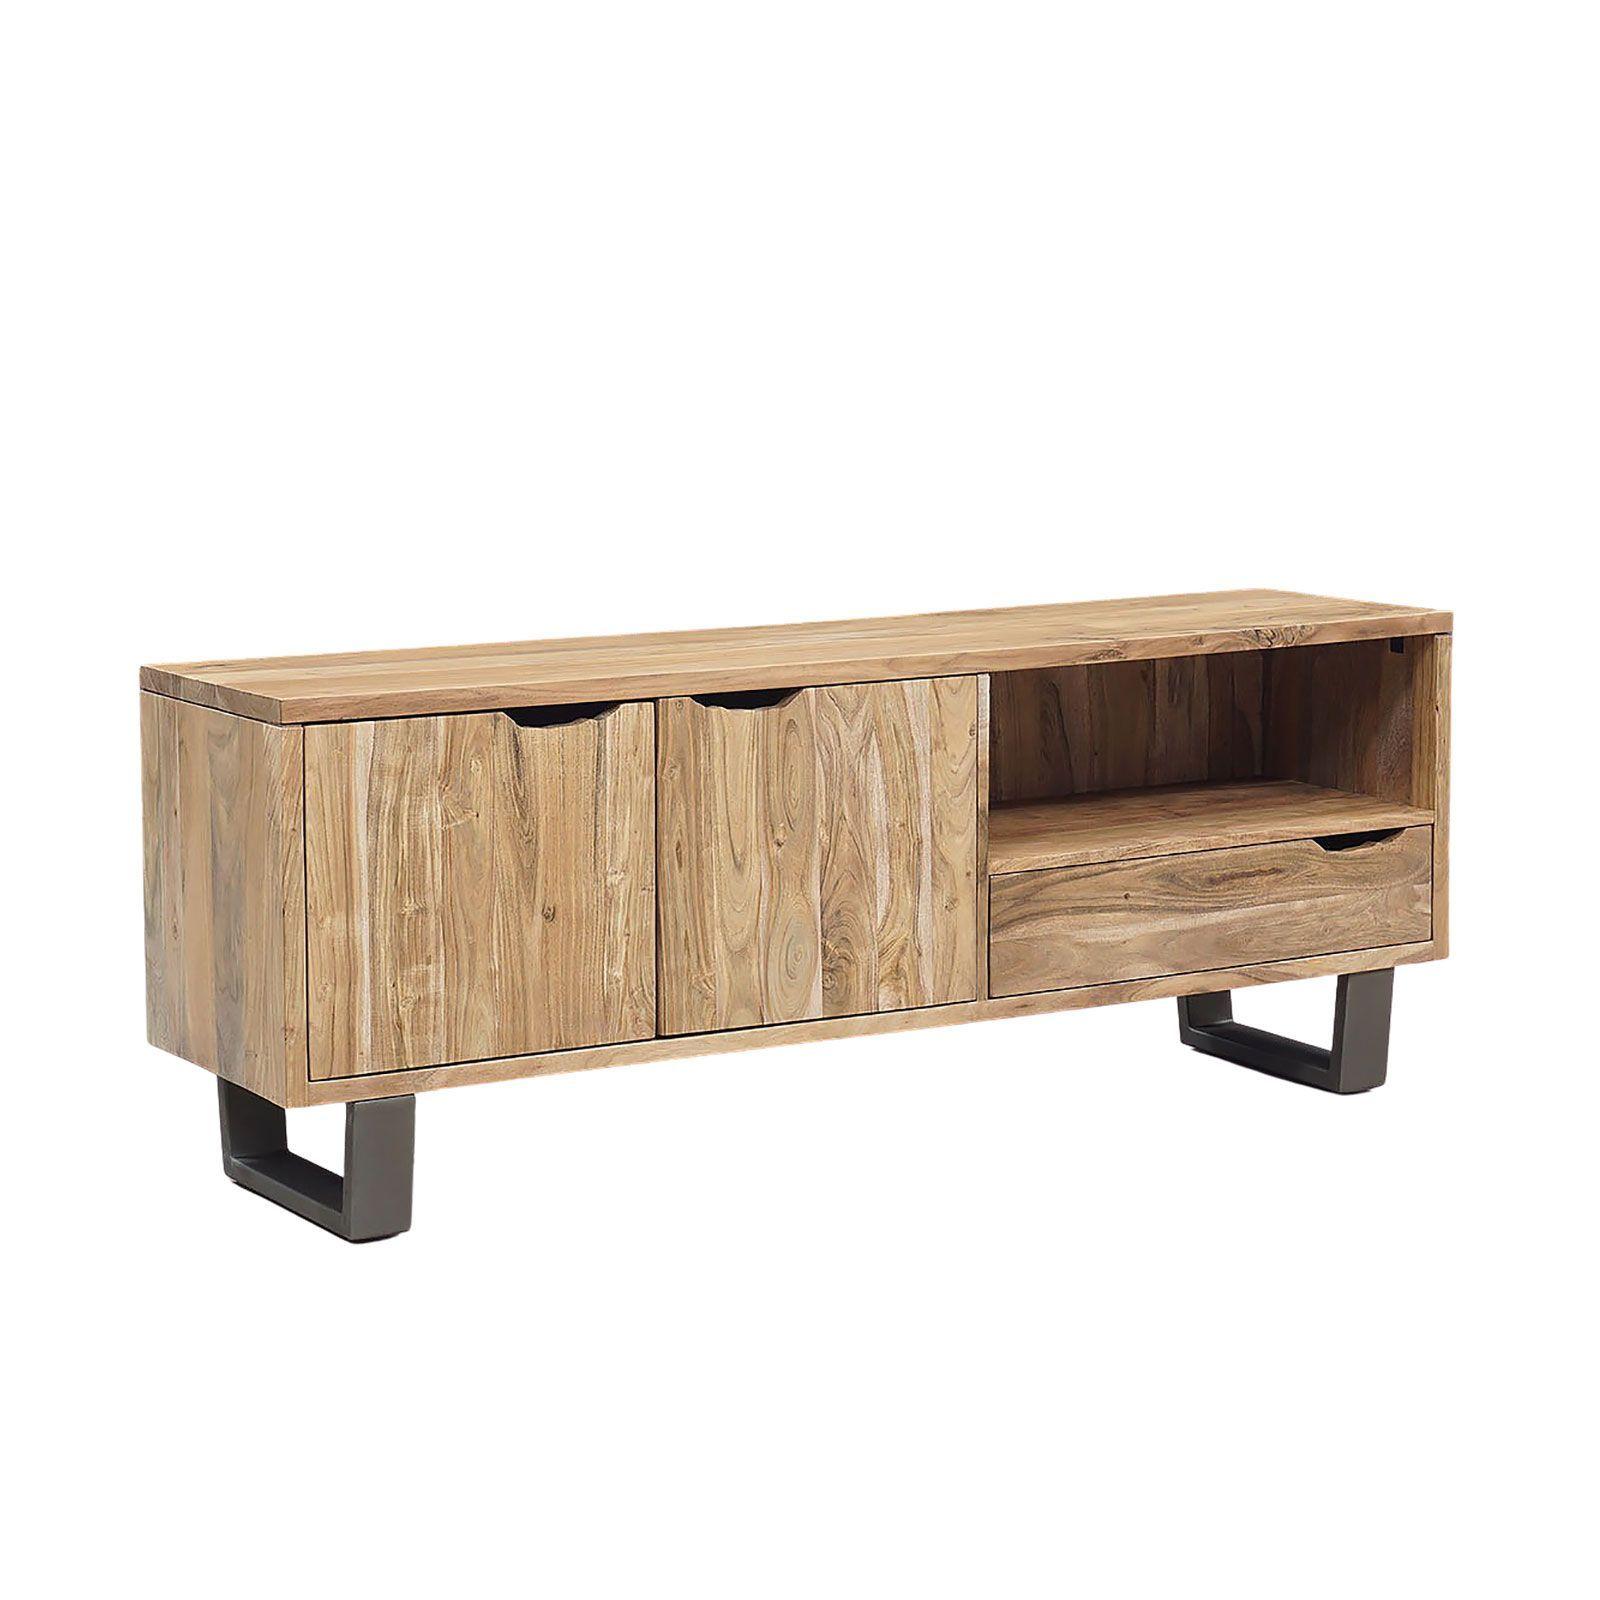 Meuble Tv bois naturel et fer